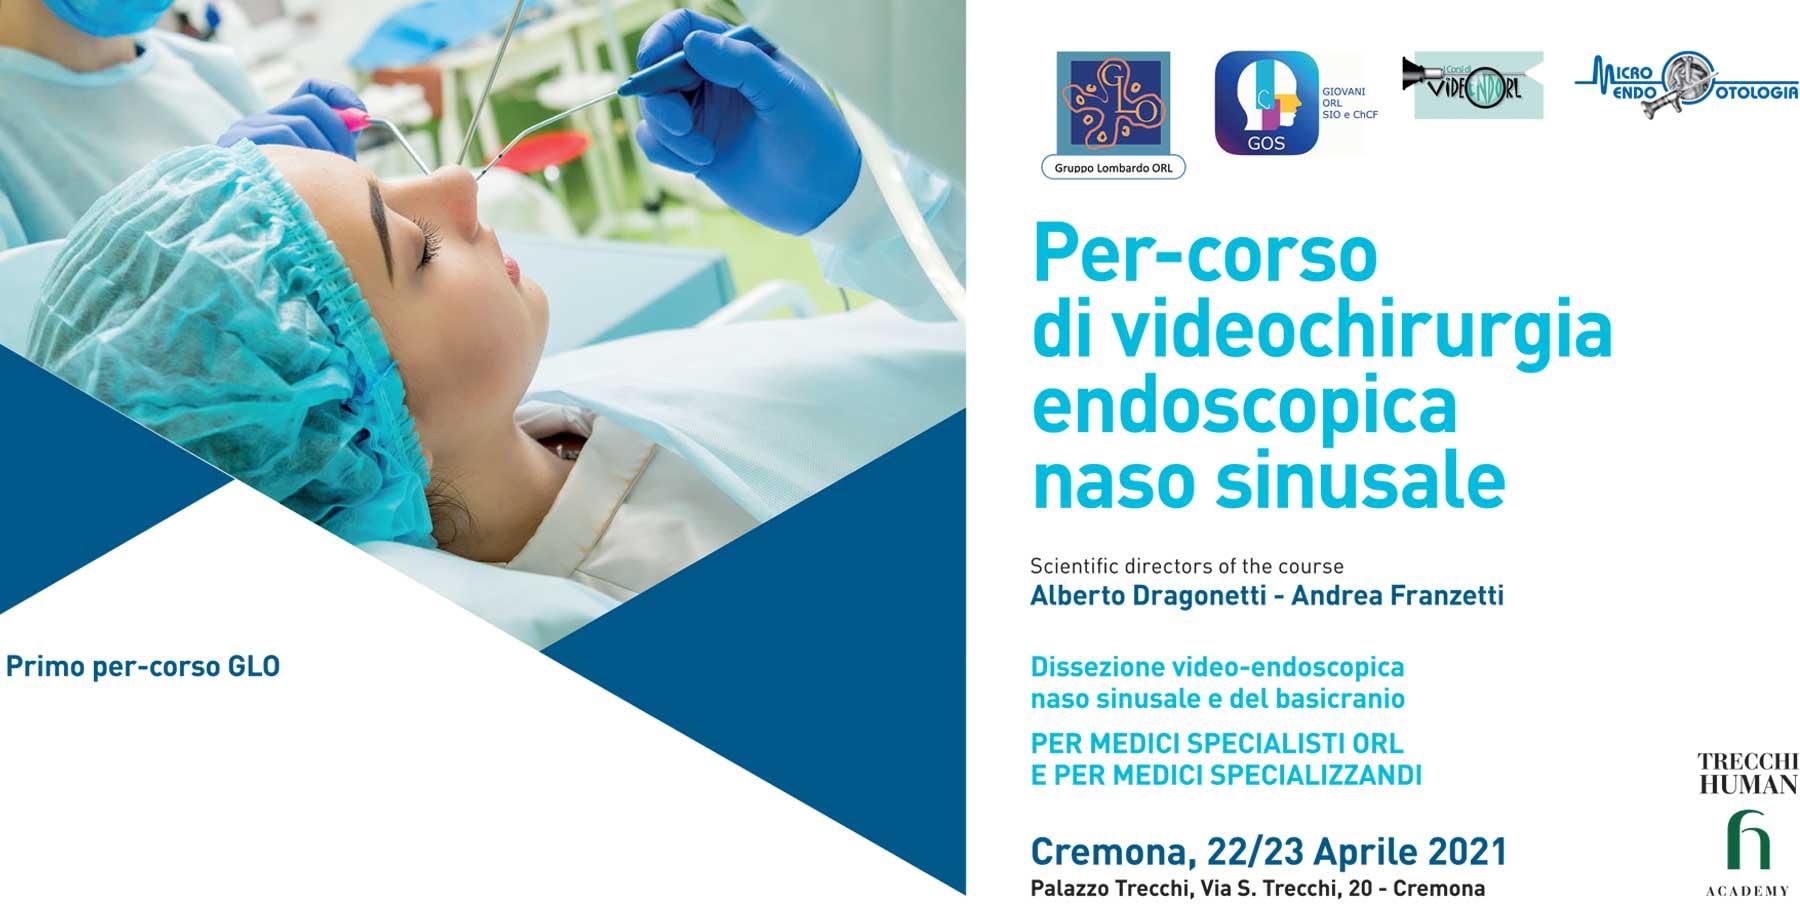 per-corso-di-videochirurgia